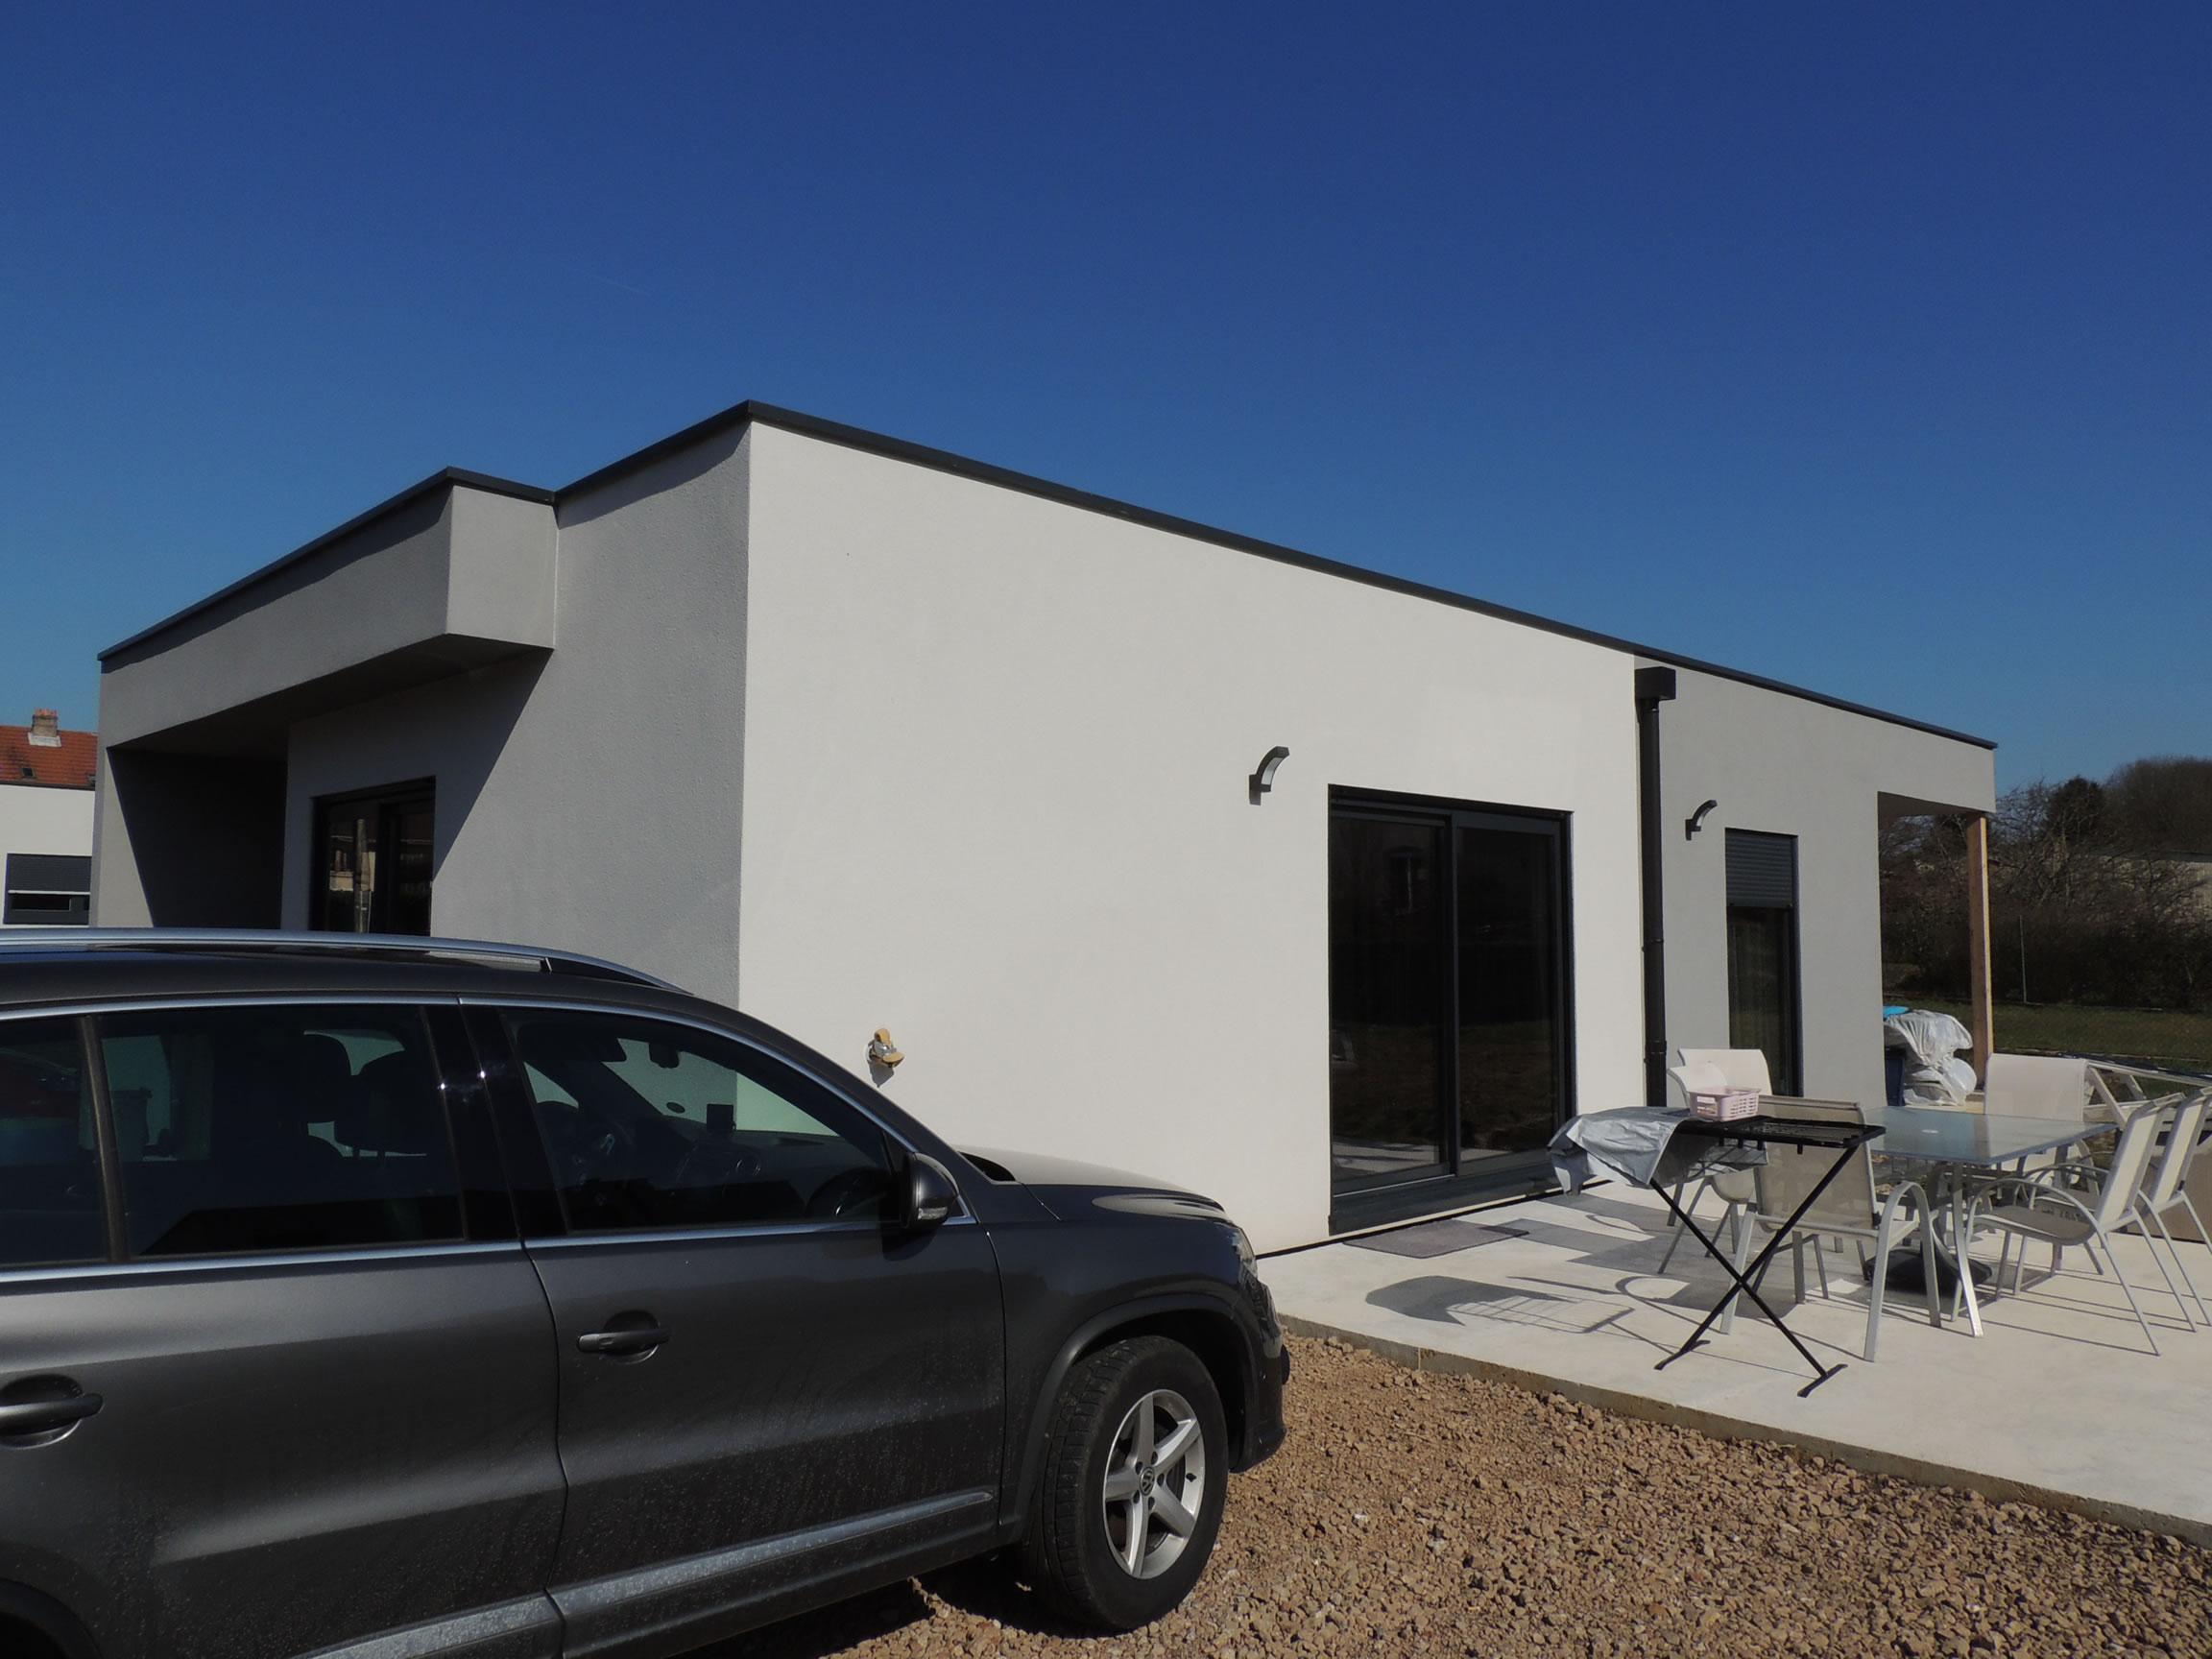 Knutange rdc 150 m2 maison ossature bois for Prix construction m2 2015